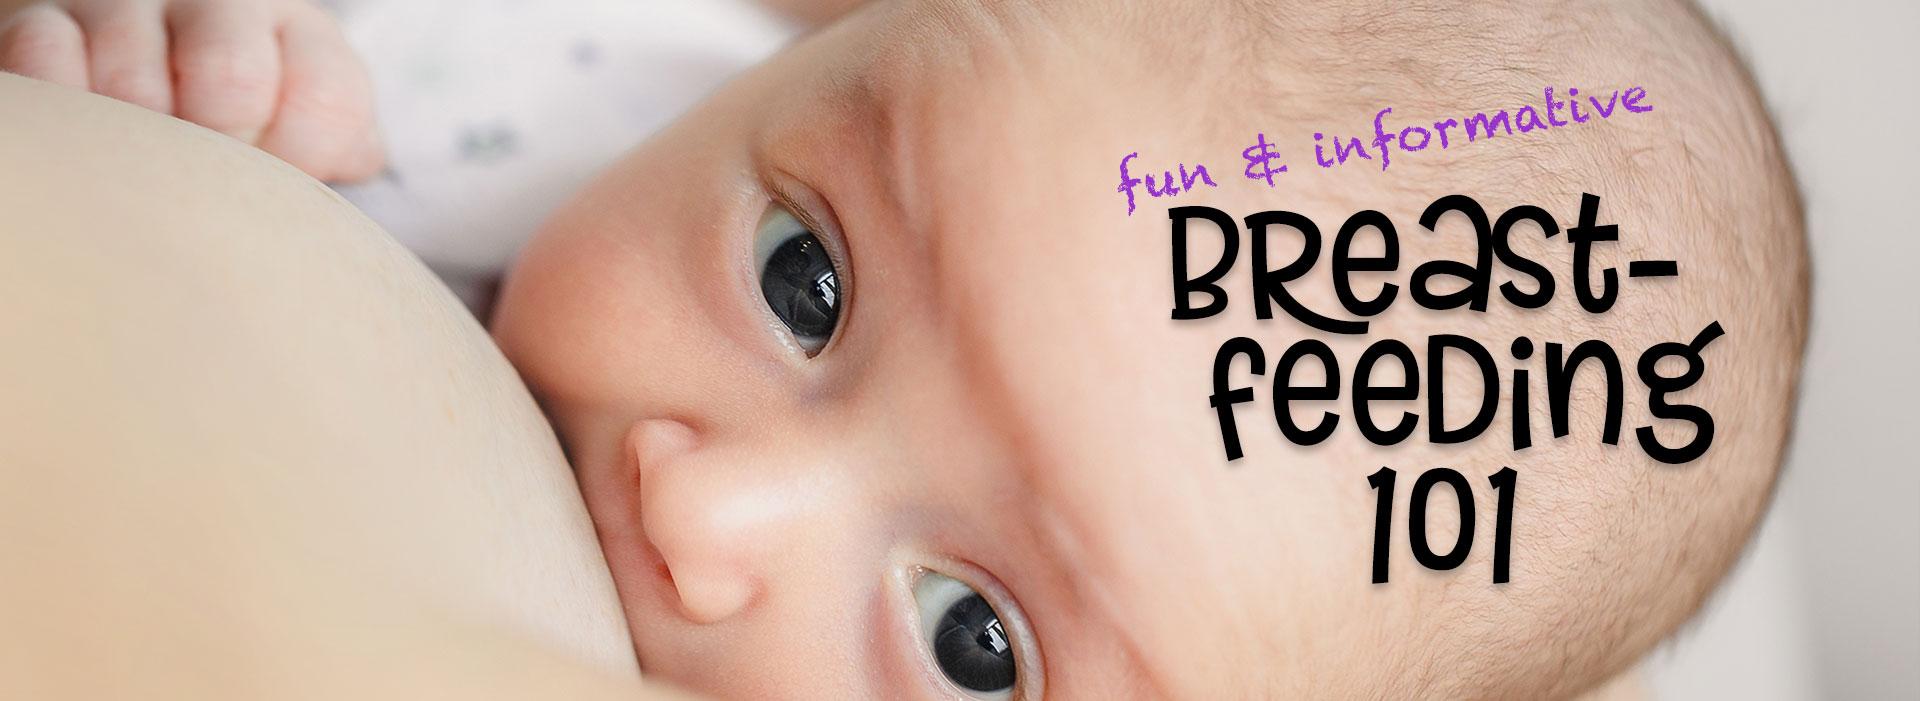 Breastfeeding 101 - Temecula Murrieta - Belly Laughs - Maggie Jennings